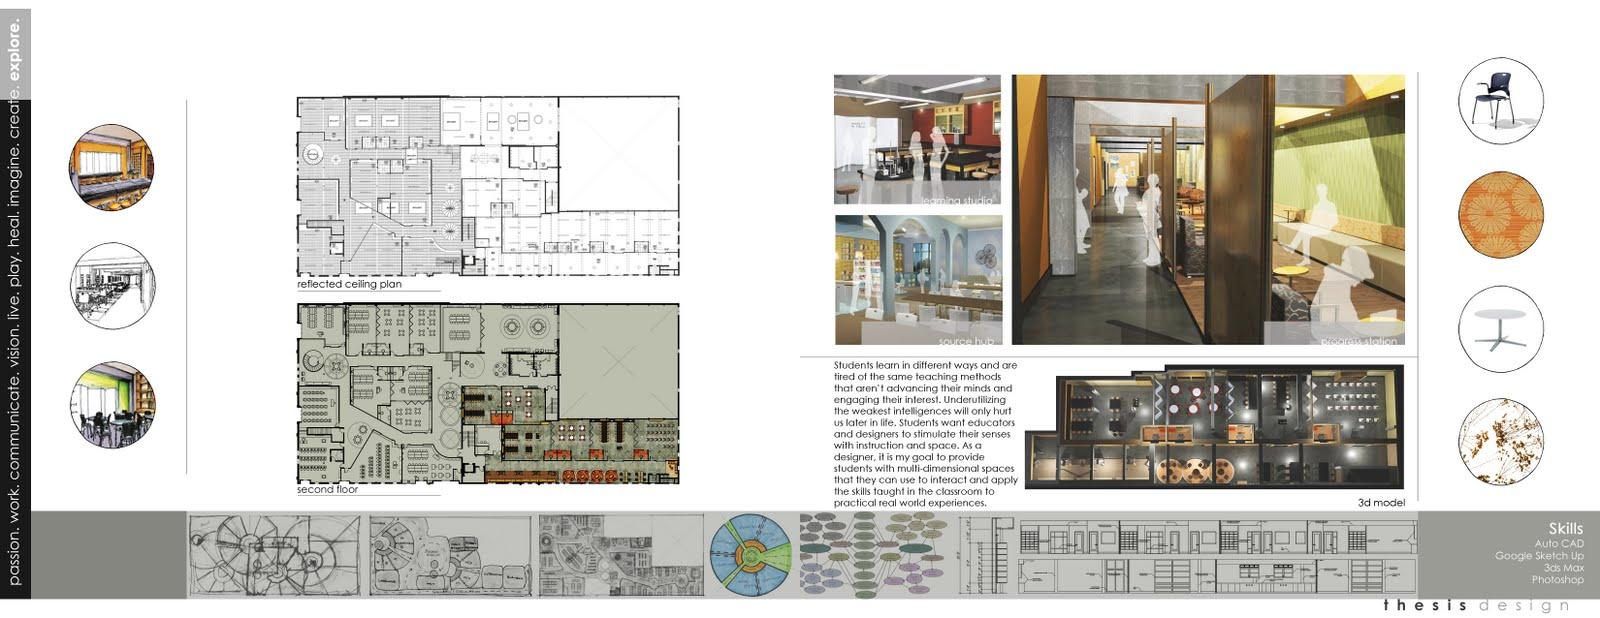 interior decorating portfolio example interiors design wallpapers